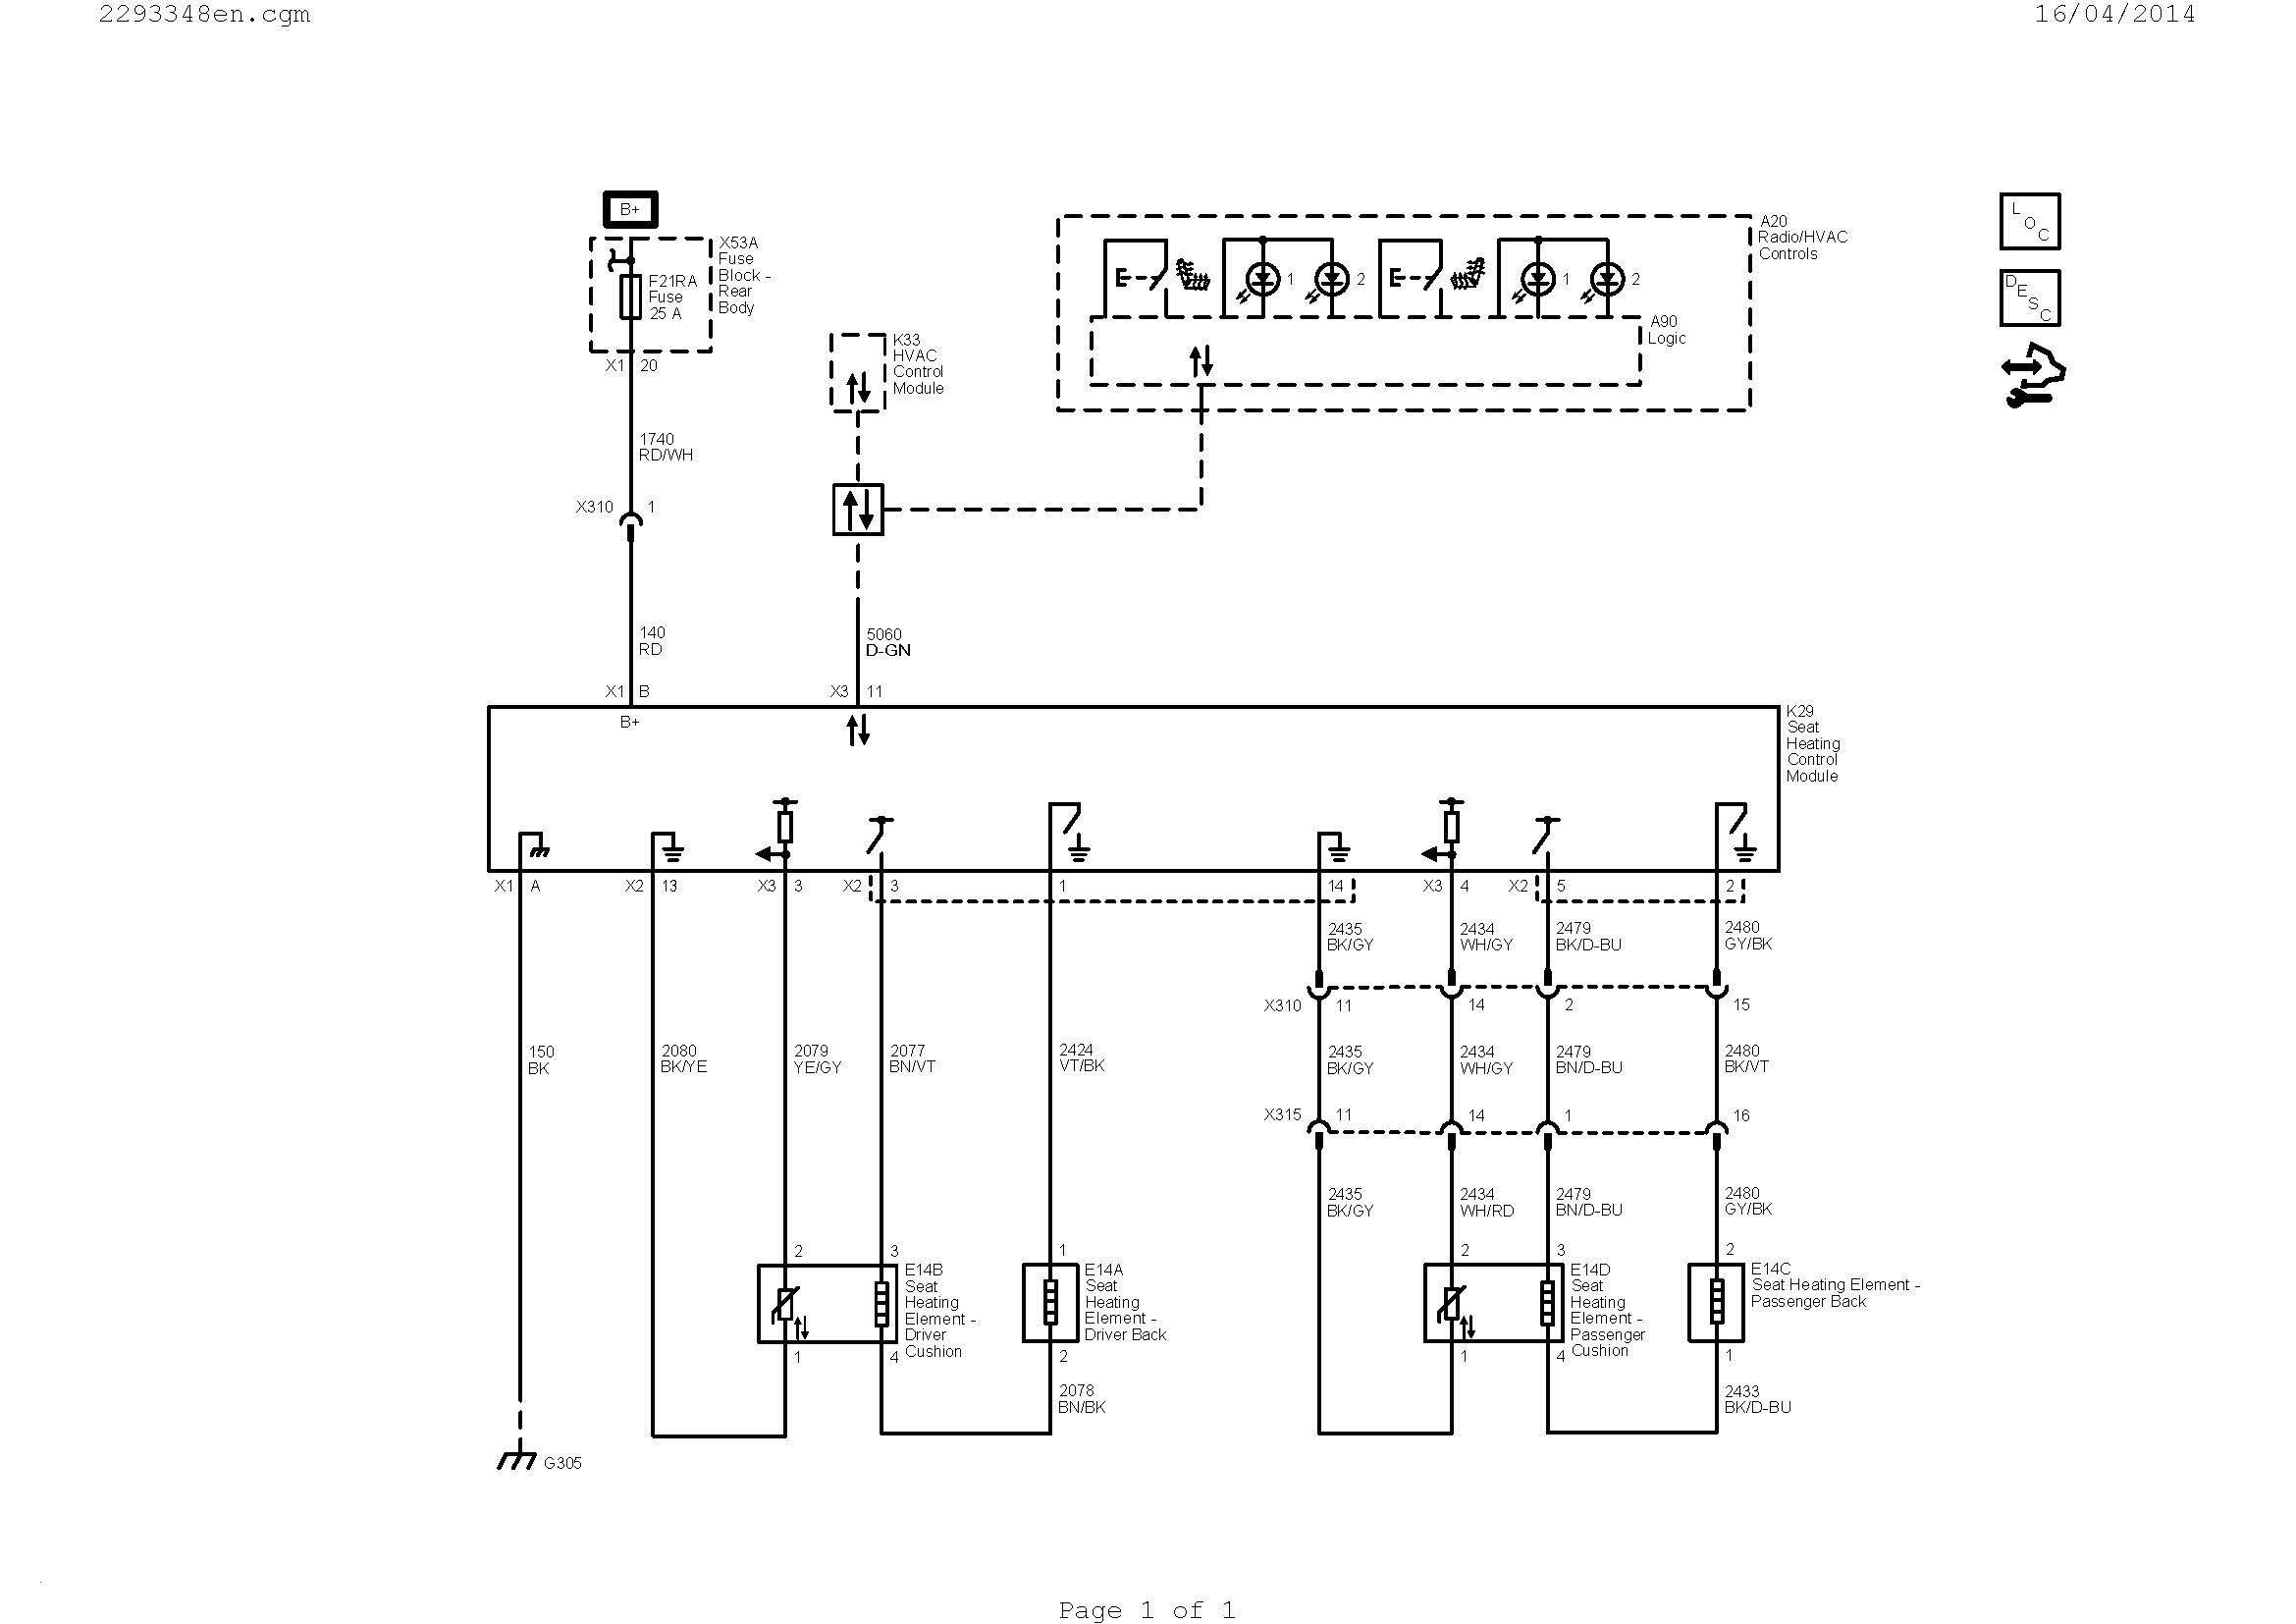 Diagram Of Car Controls Electronic Diagram Schaferforcongressfo Schaferforcongressfo Of Diagram Of Car Controls